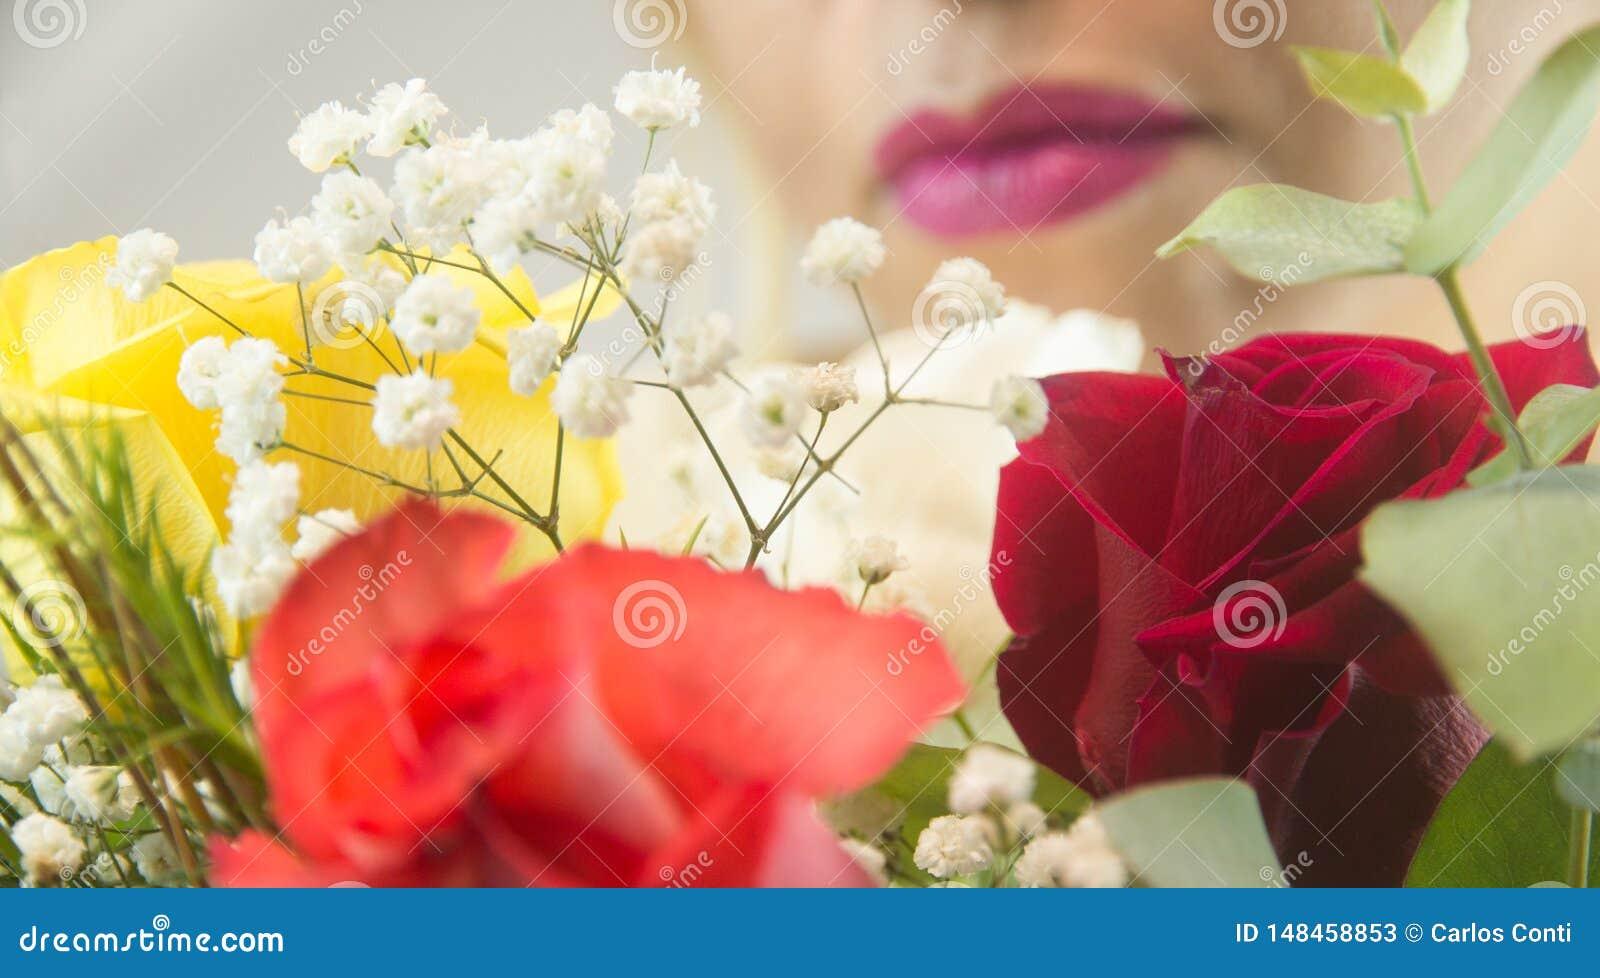 Le labbra della donna con i fiori nella parte anteriore